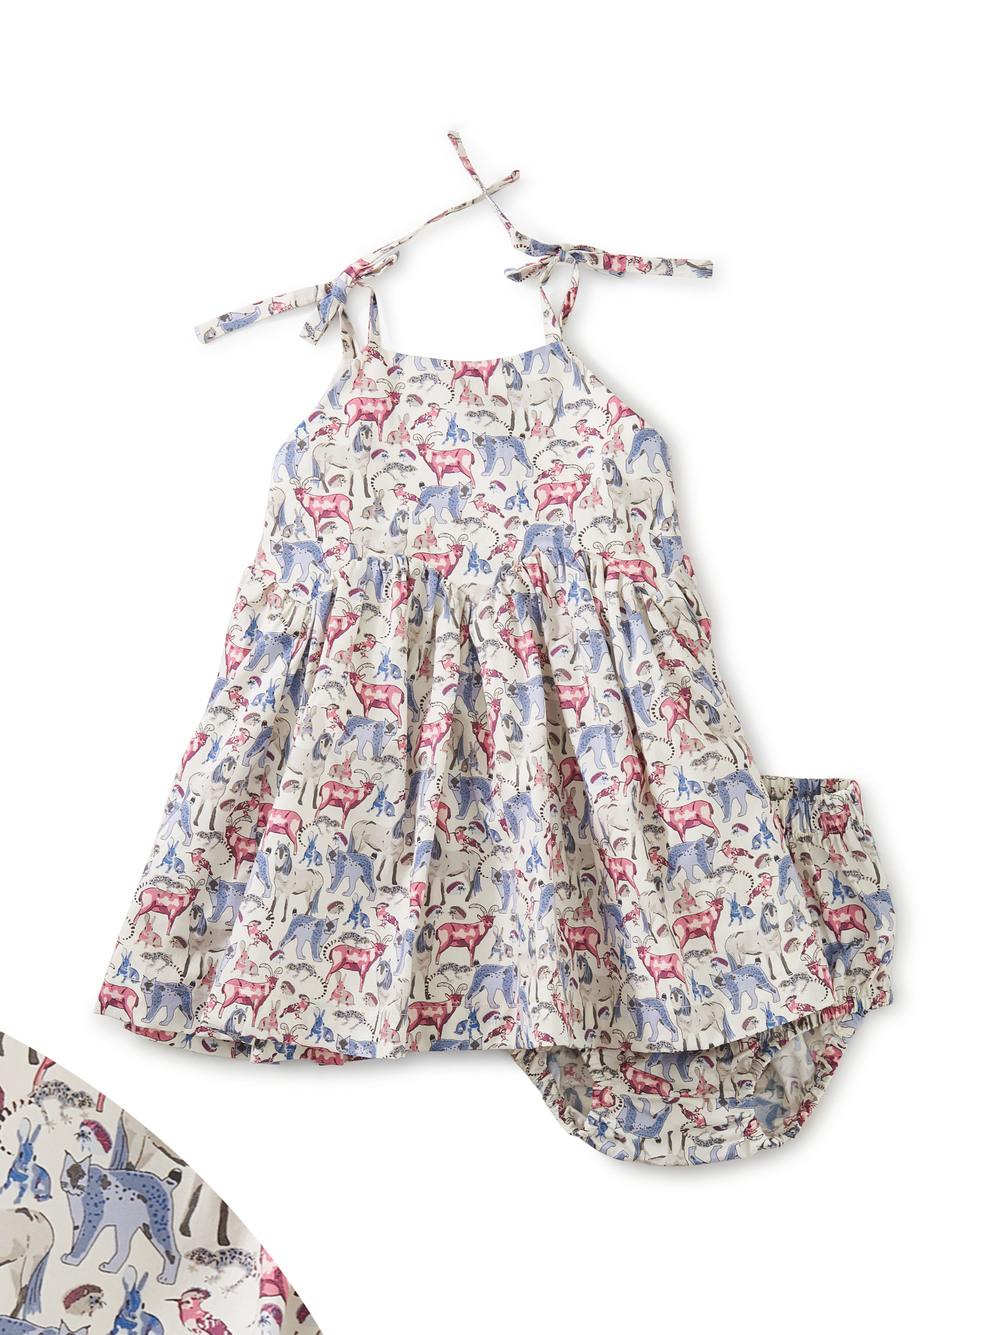 Tie Shoulder Baby Dress Set